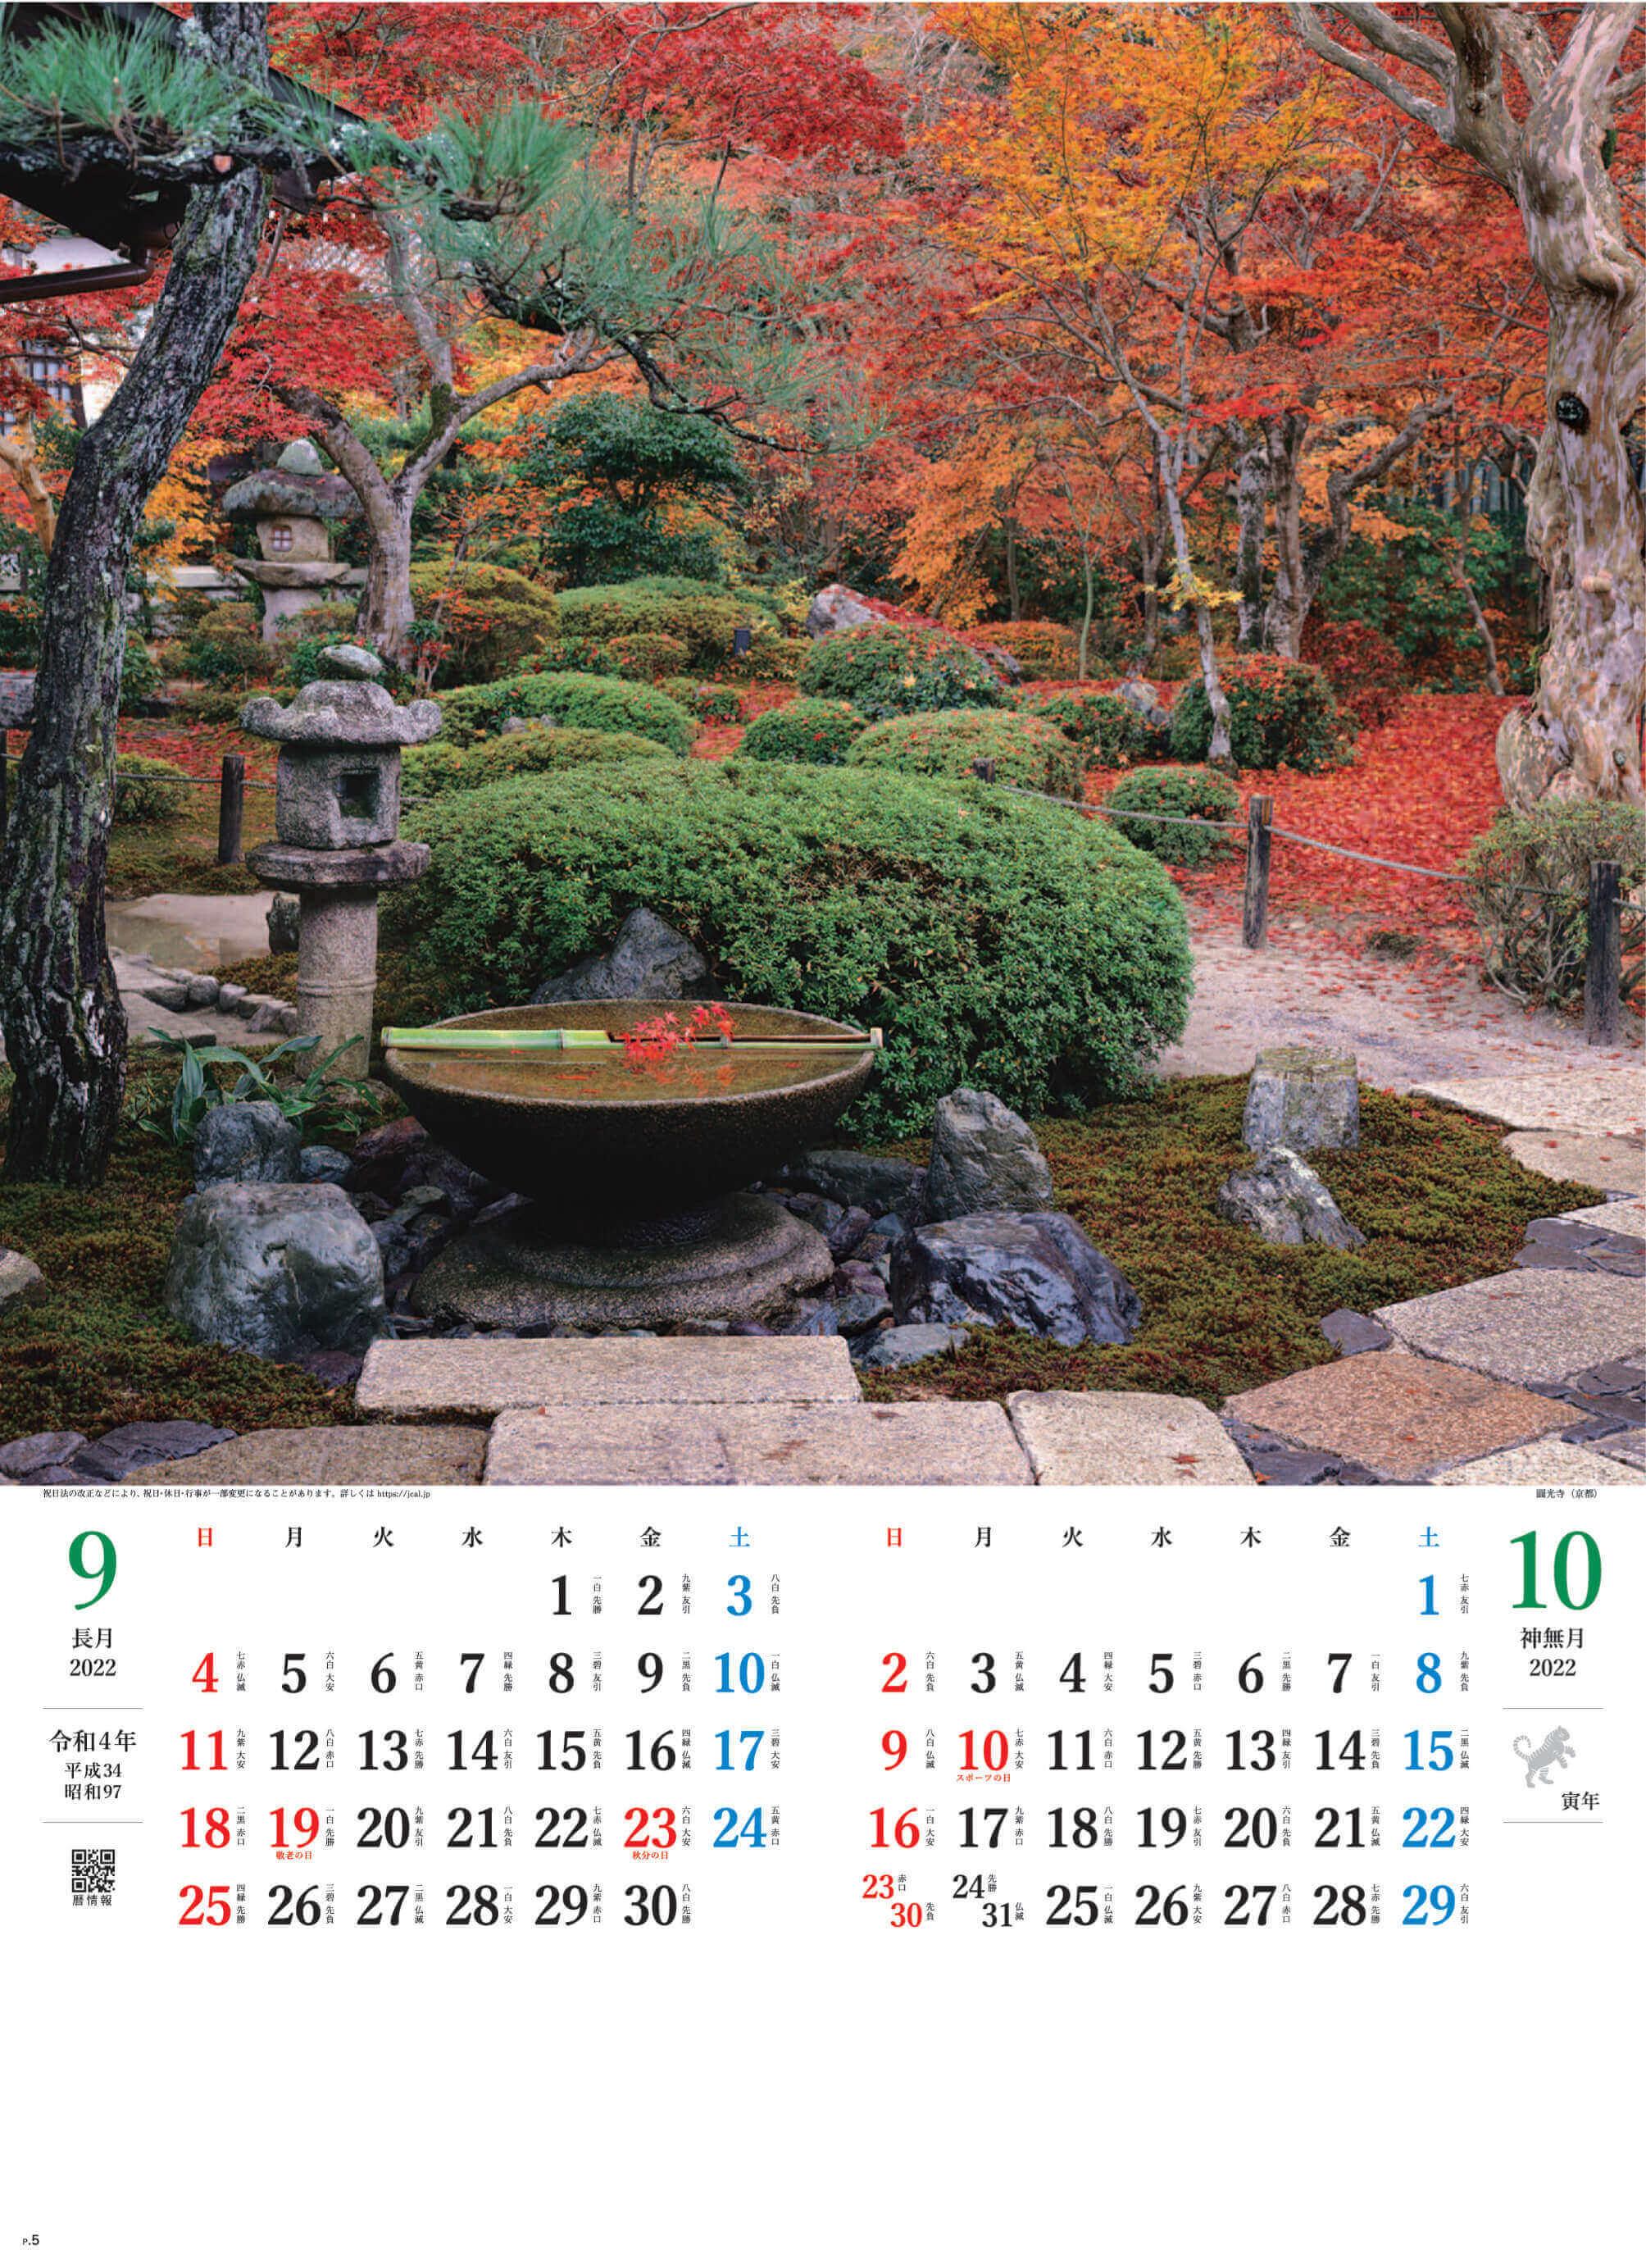 9-10月 圓光寺(京都) 庭の心 2022年カレンダーの画像